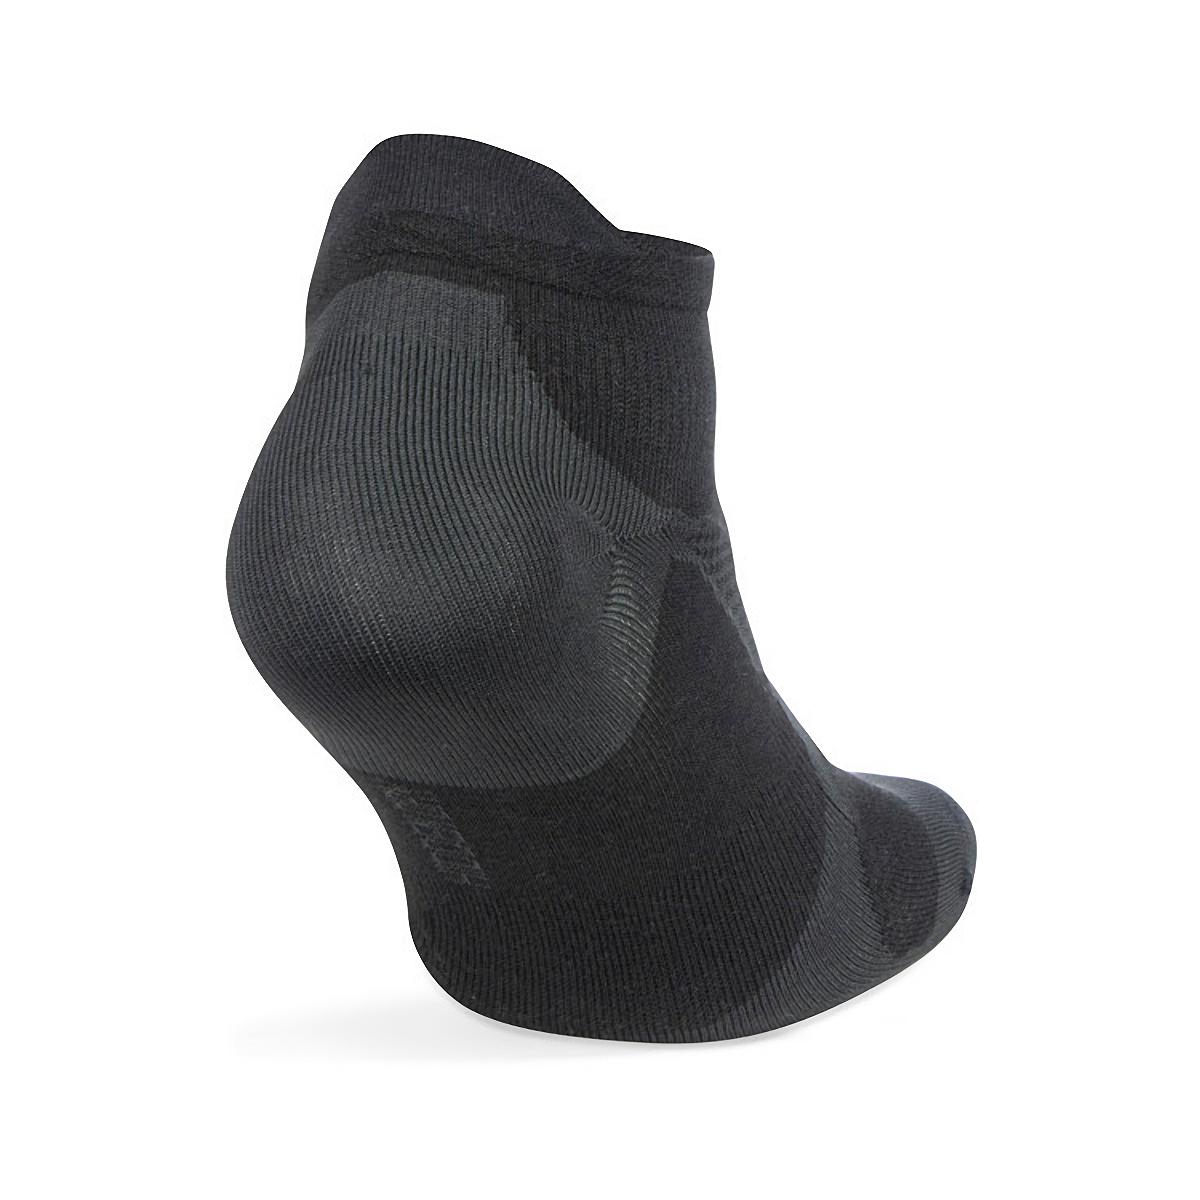 Balega Hidden Dry No Show Socks - Color: Black - Size: S, Black, large, image 4